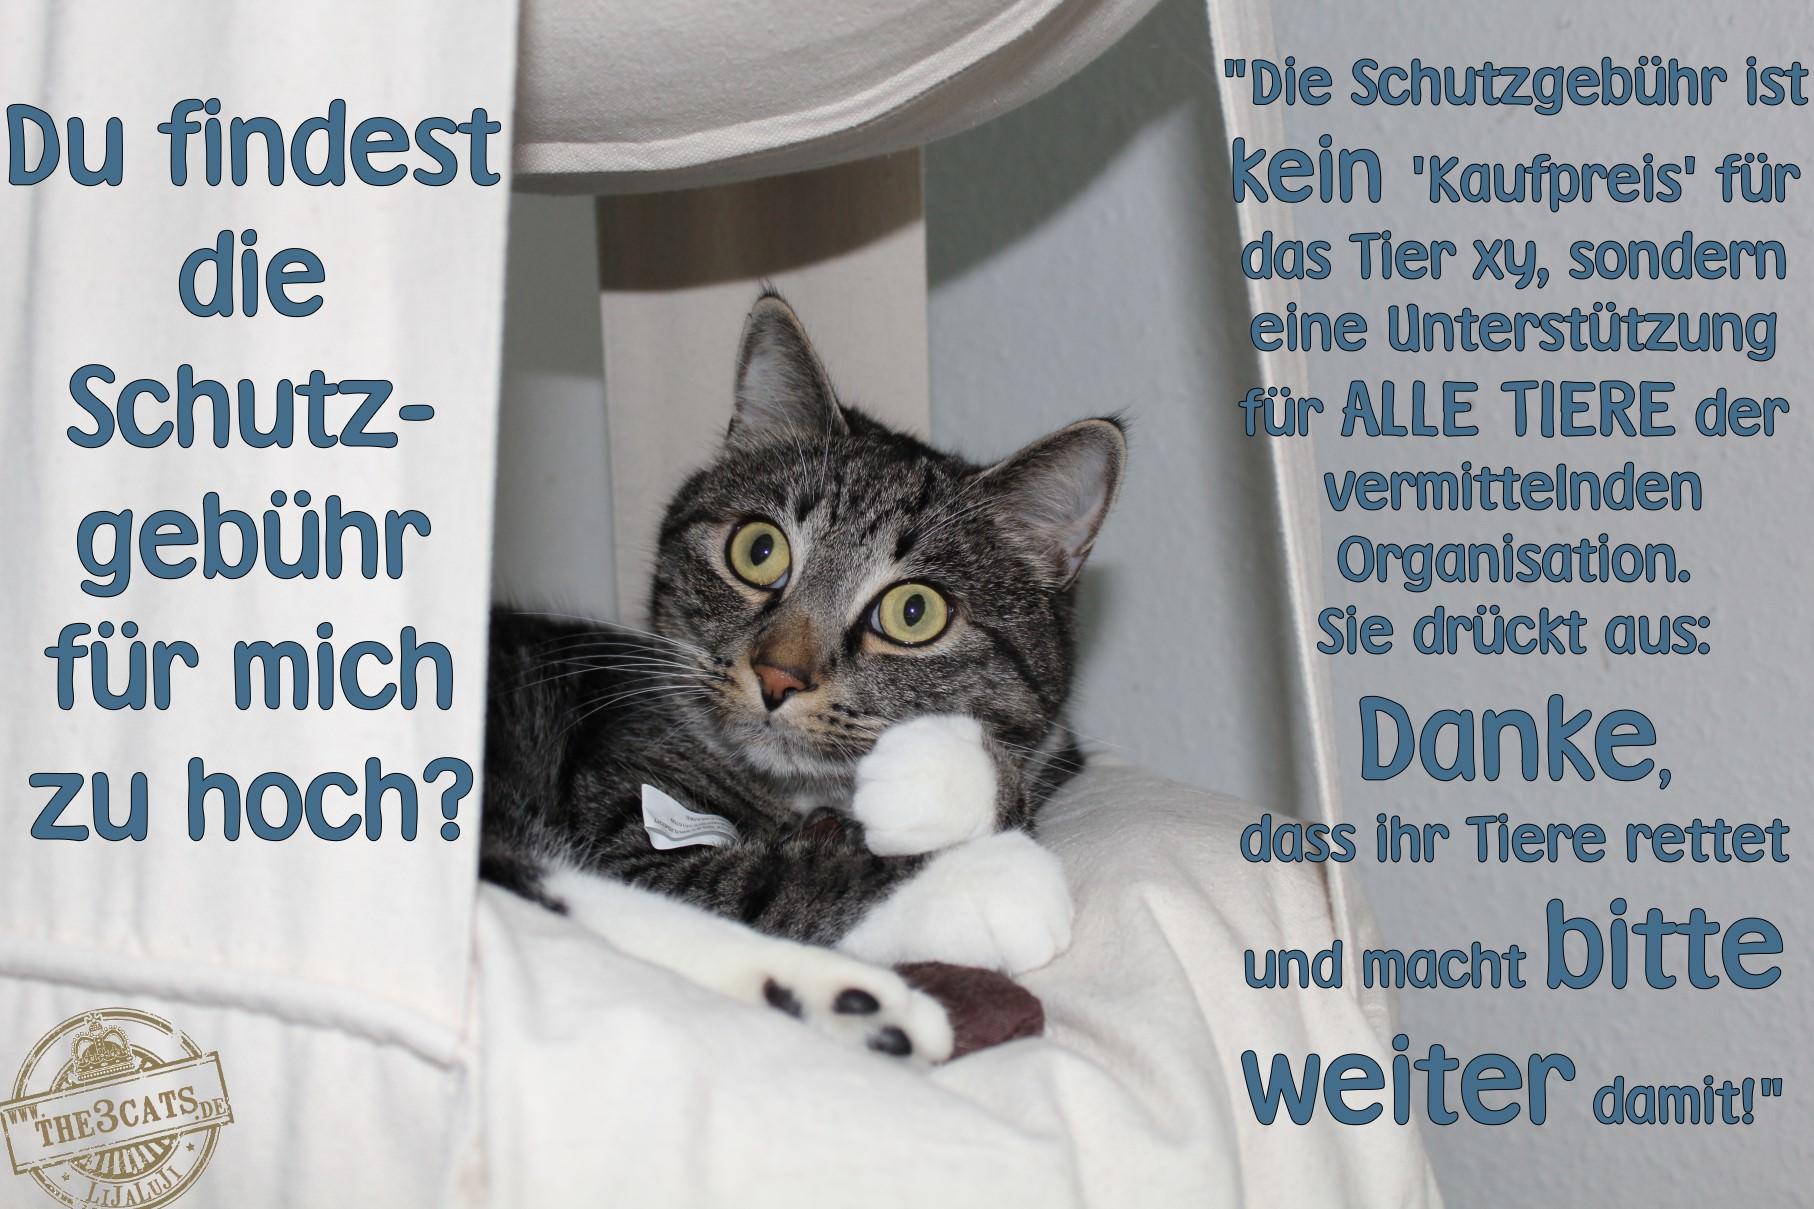 Linus: Du findest die Schutzgebühr im Tierschutz zu hoch?